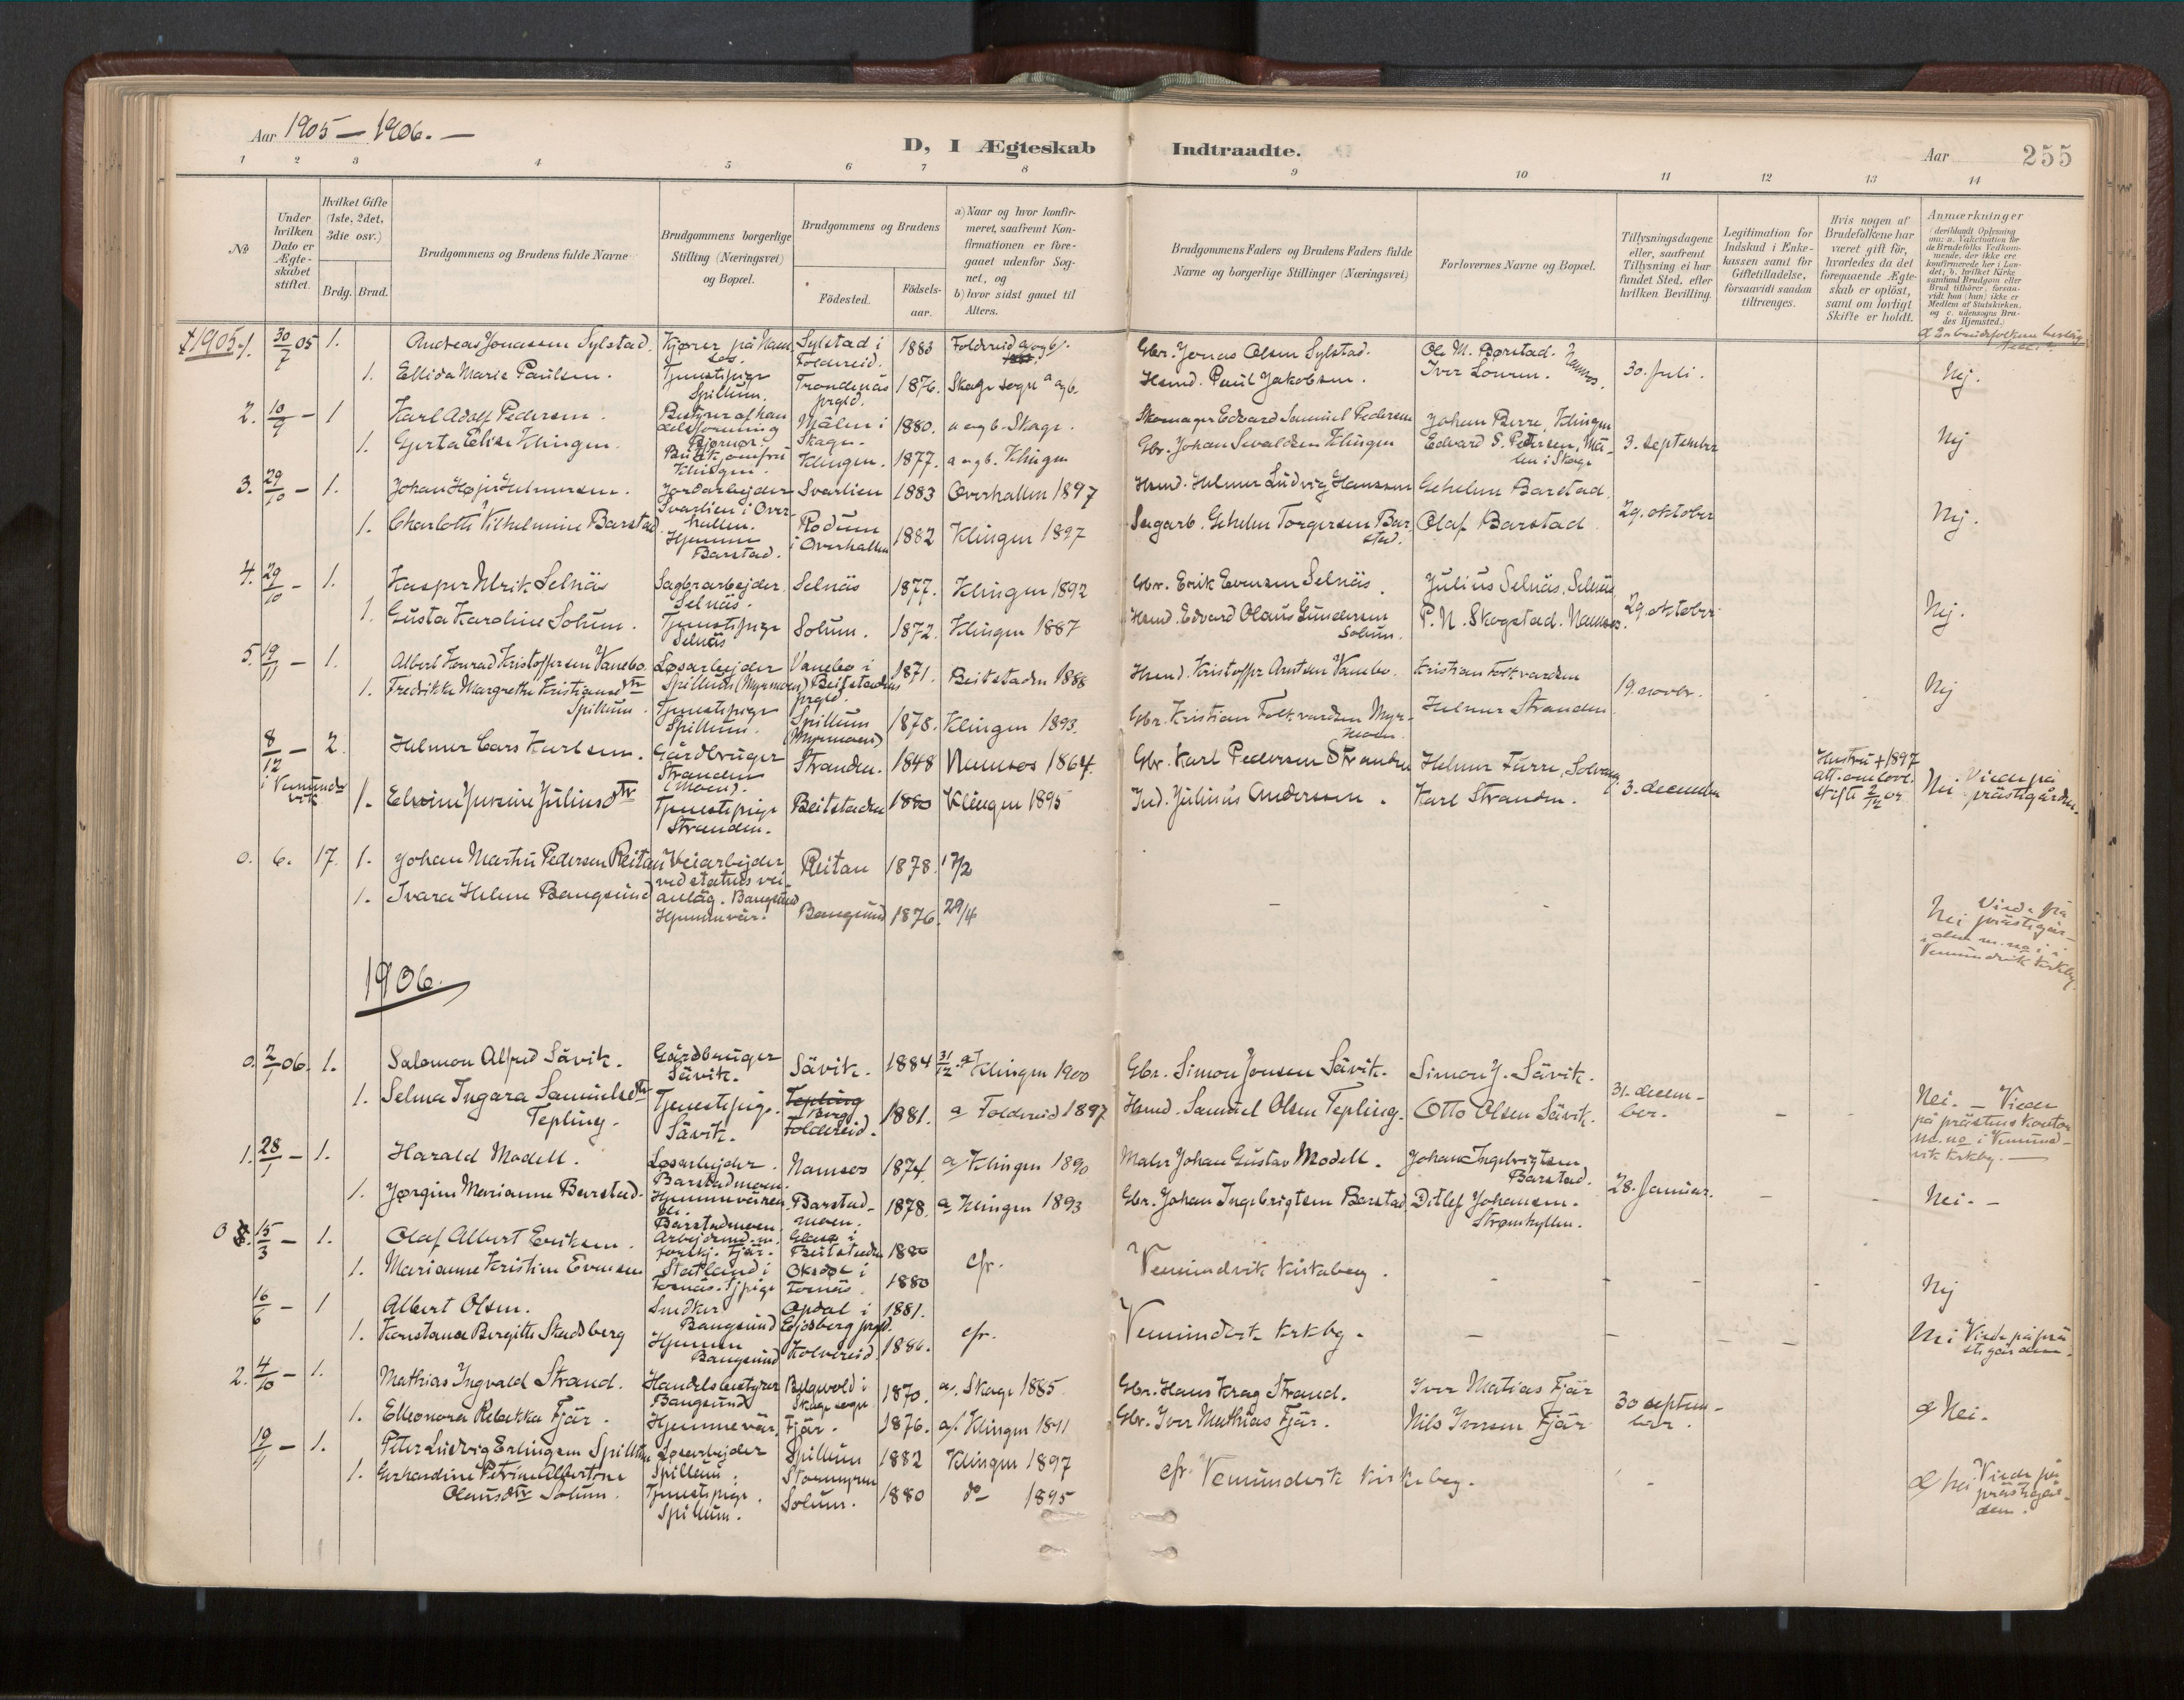 SAT, Ministerialprotokoller, klokkerbøker og fødselsregistre - Nord-Trøndelag, 770/L0589: Ministerialbok nr. 770A03, 1887-1929, s. 255